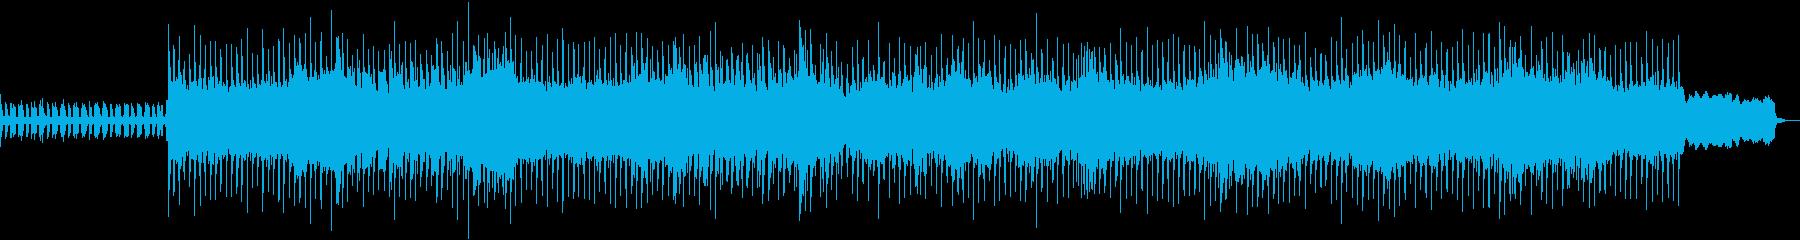 レトロゲーム風BGM(戦闘)の再生済みの波形